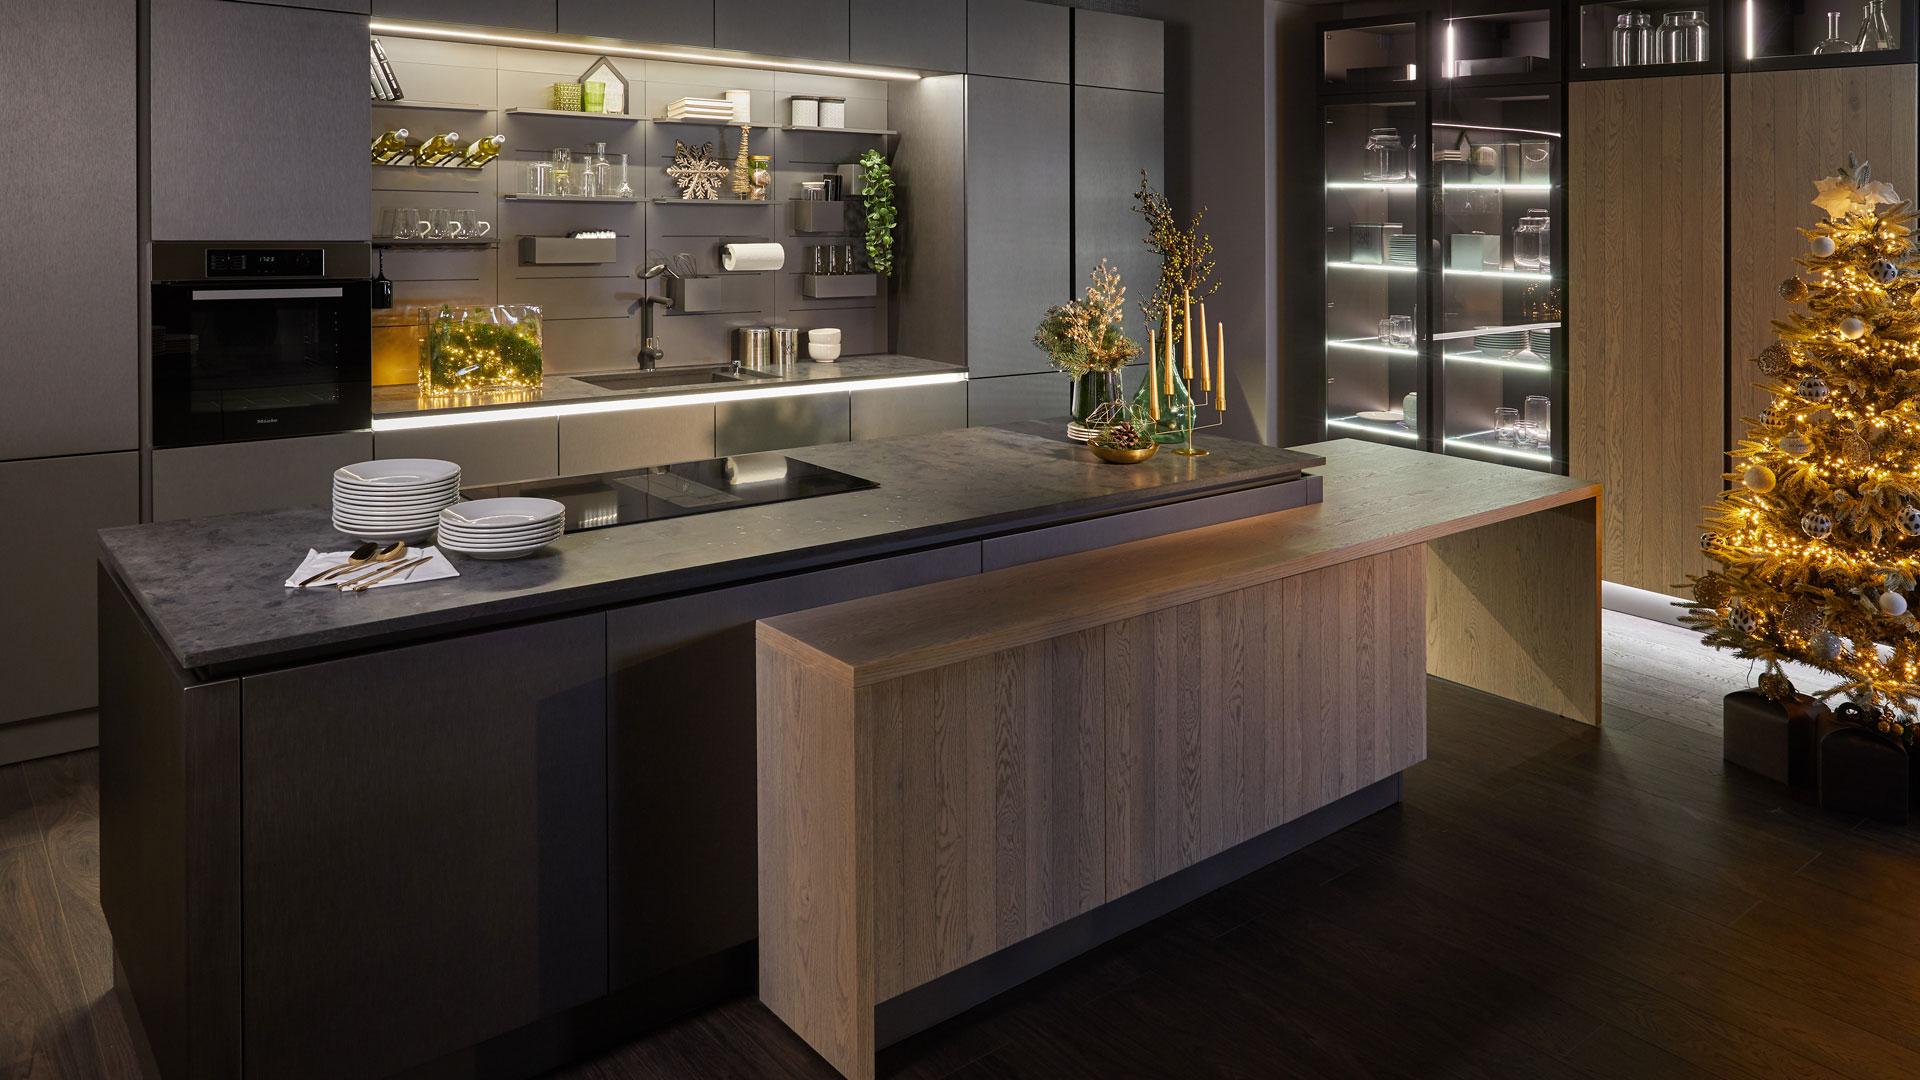 Come Modificare Una Cucina Componibile cucine su misura: punti di forza e punti di debolezza